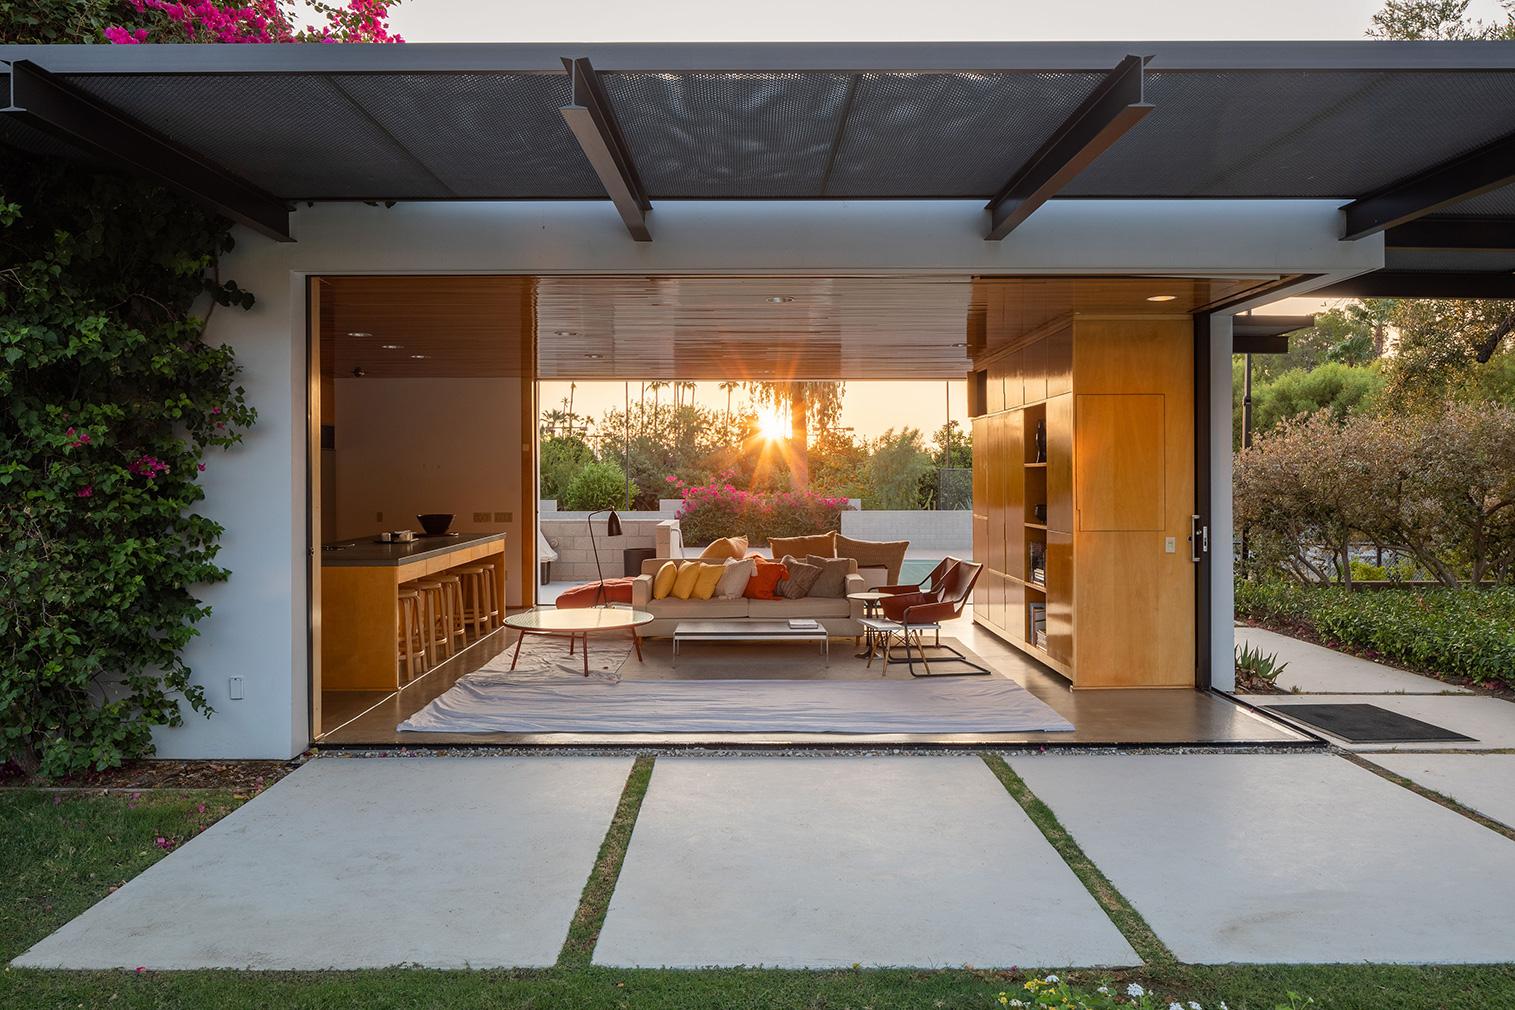 Richard Neutra's famous Kaufmann Desert House is for sale